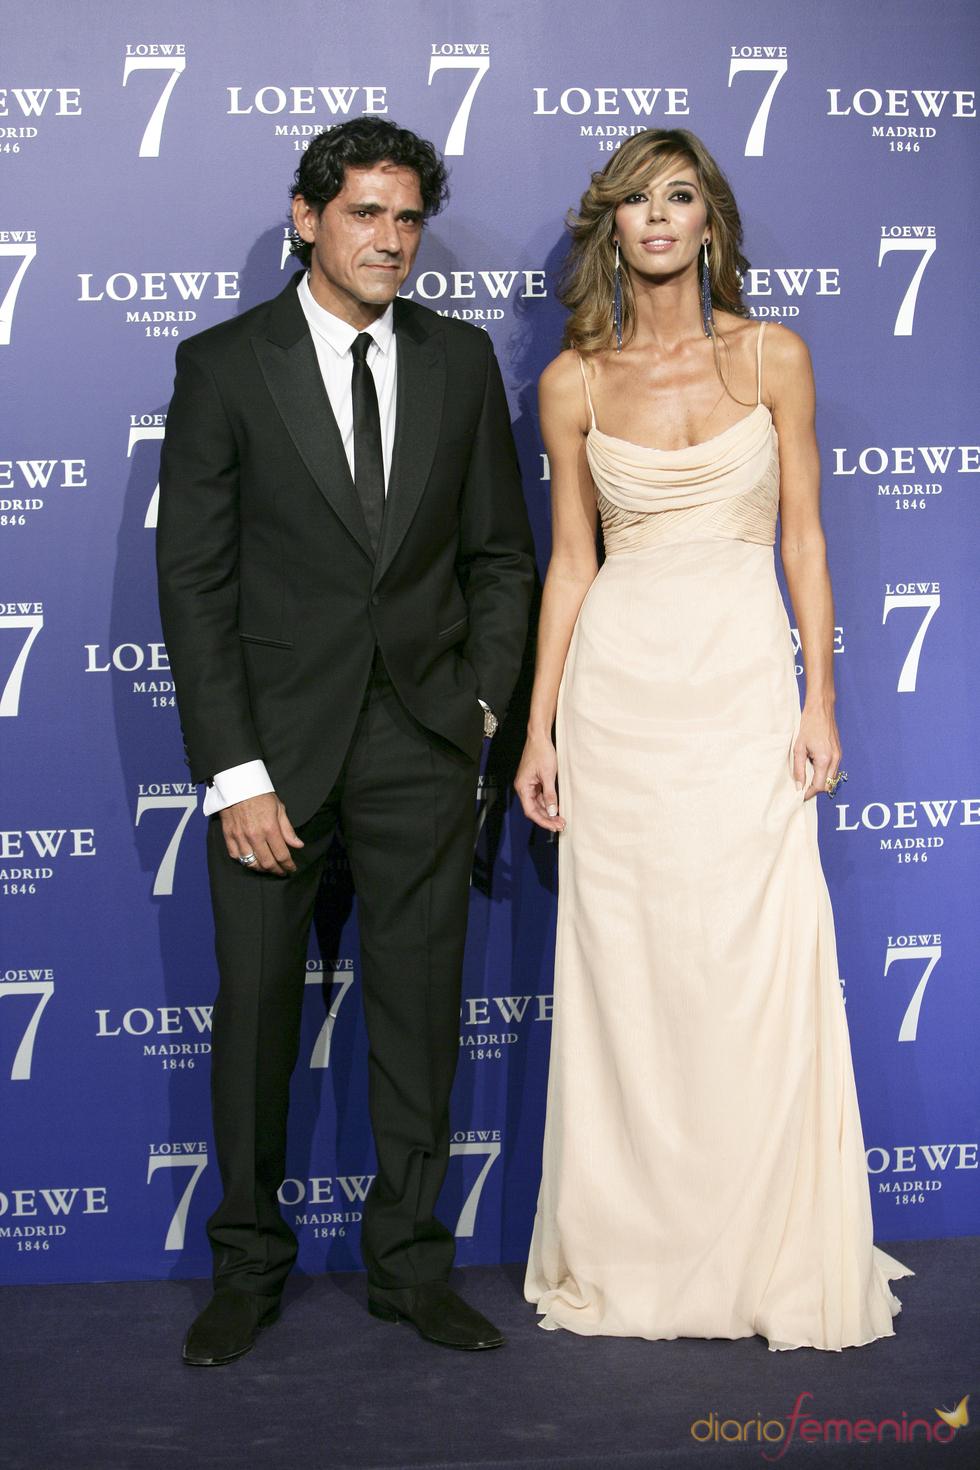 Jesus Cabanas y Eva Zaldívar en la presentación de la fragancia 7 de Loewe Madrid